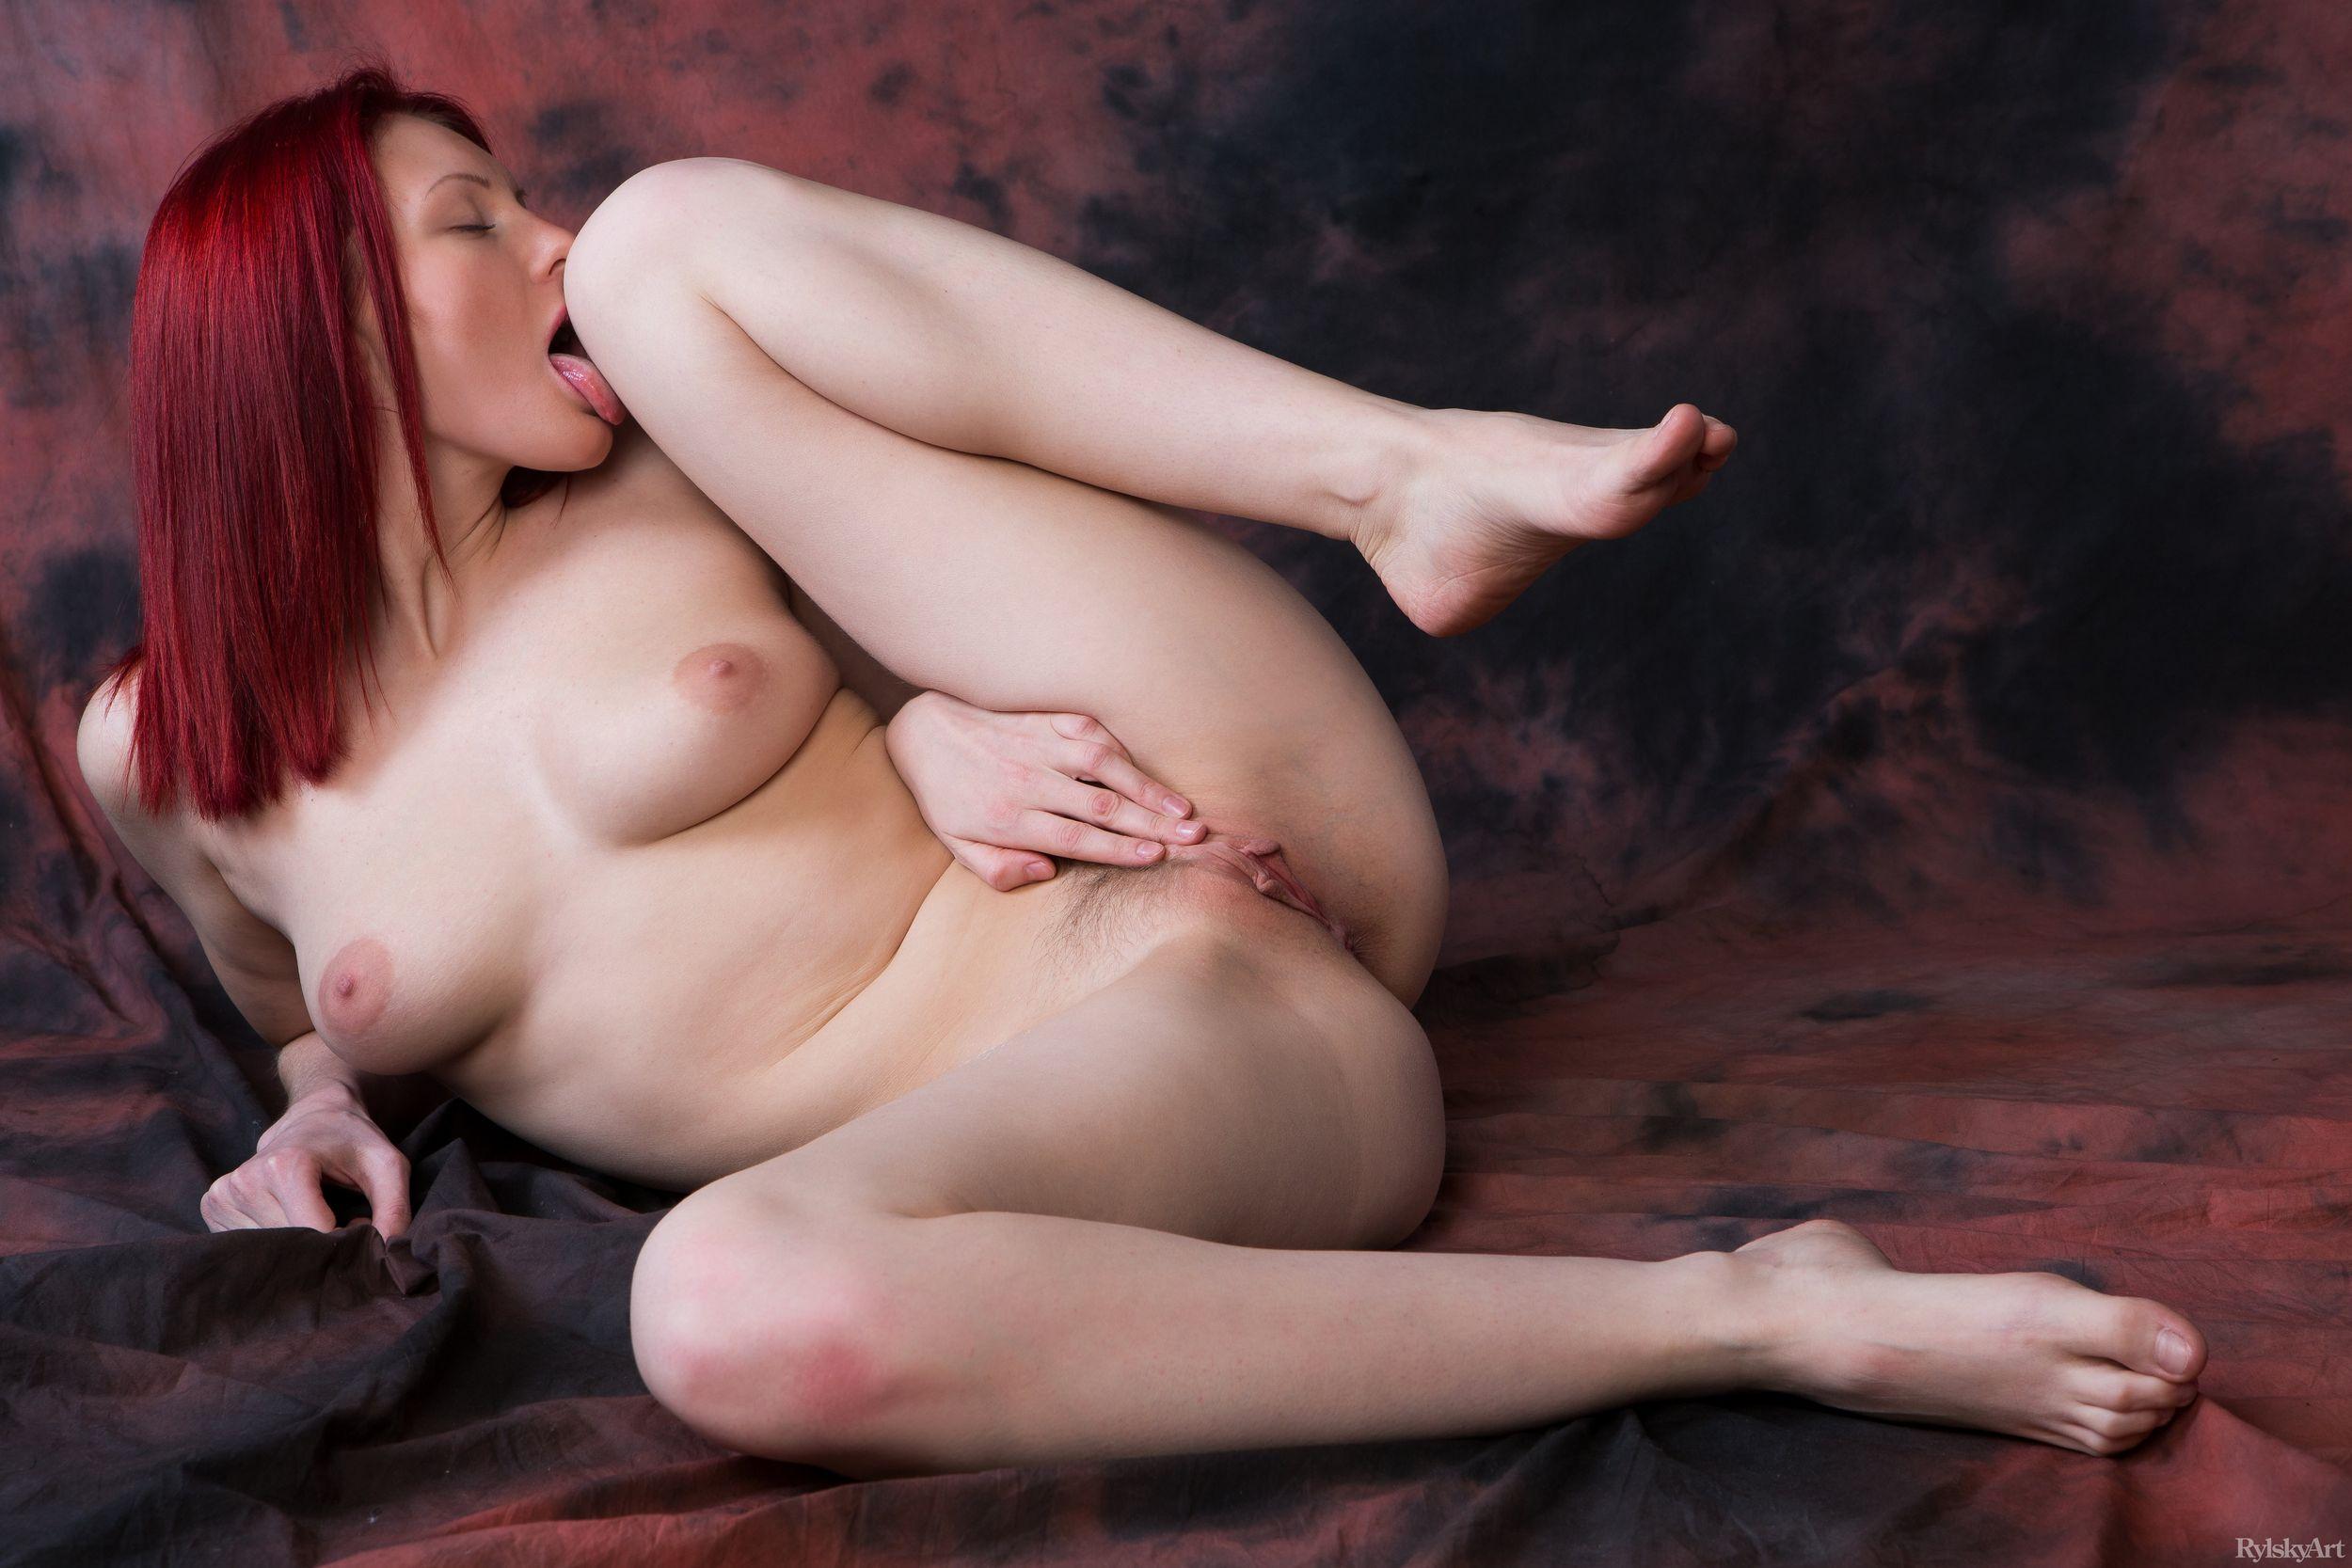 Рыжая бестия xxx, Рыжая бестия: порно видео онлайн, смотреть порно на 22 фотография